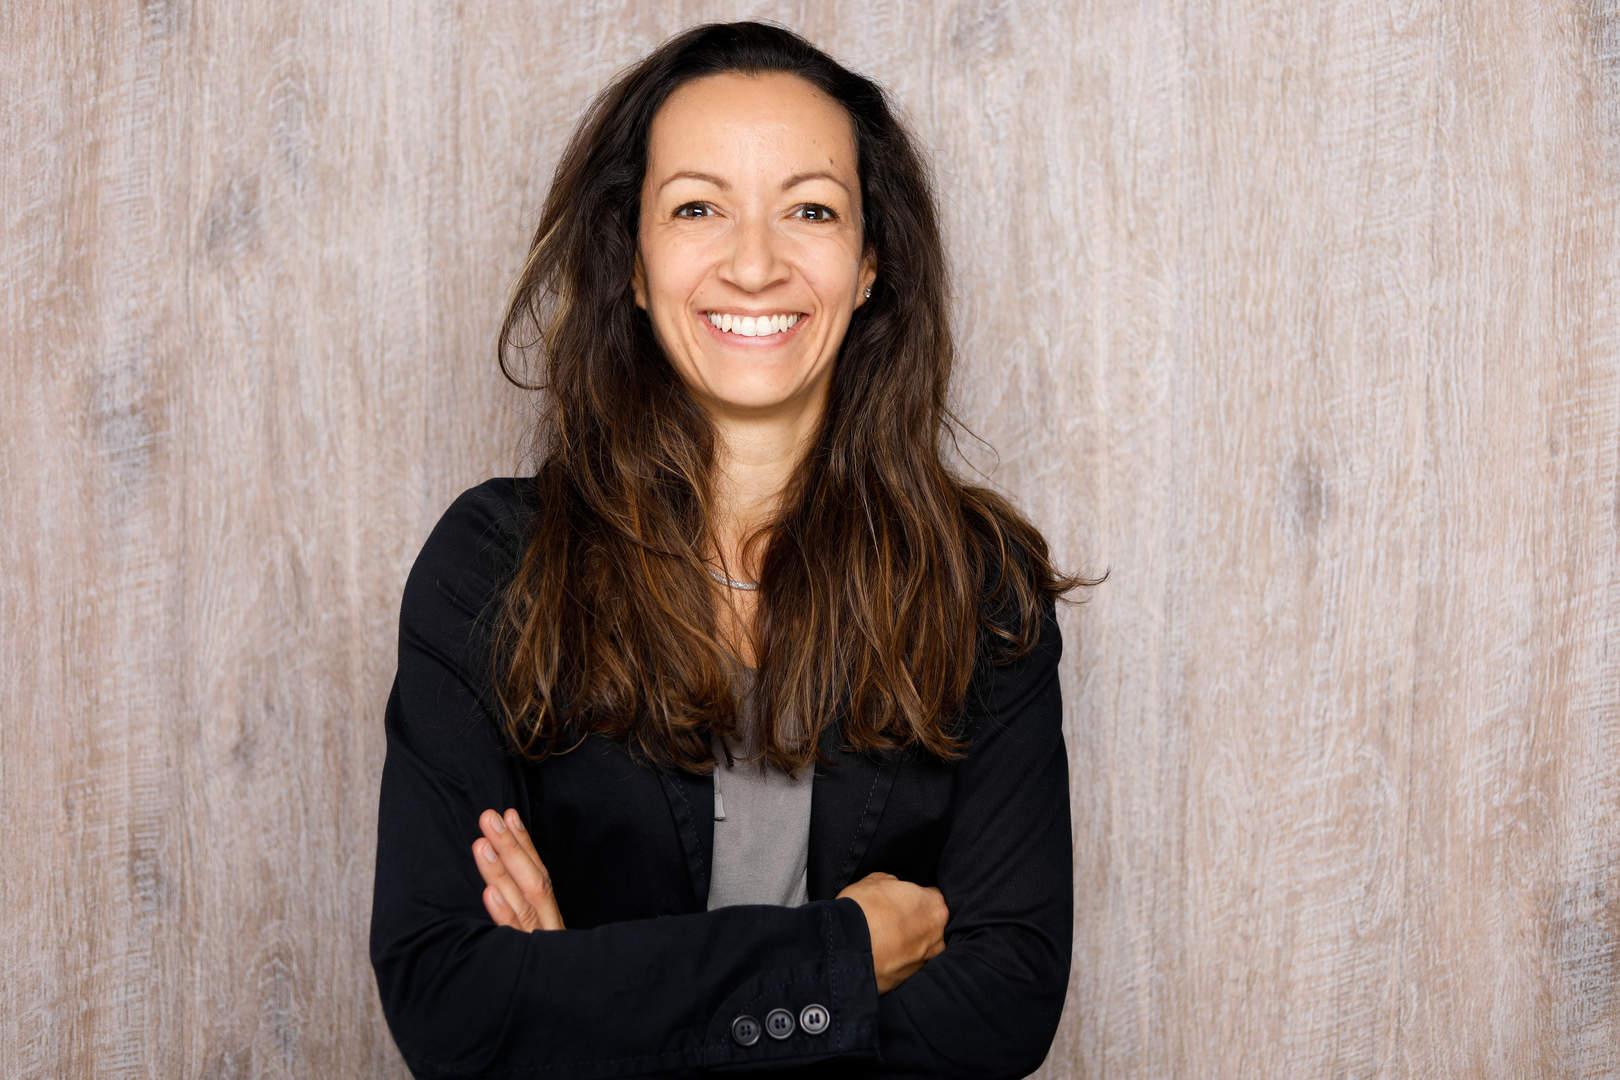 Testerin Jasmin Reif-Medani